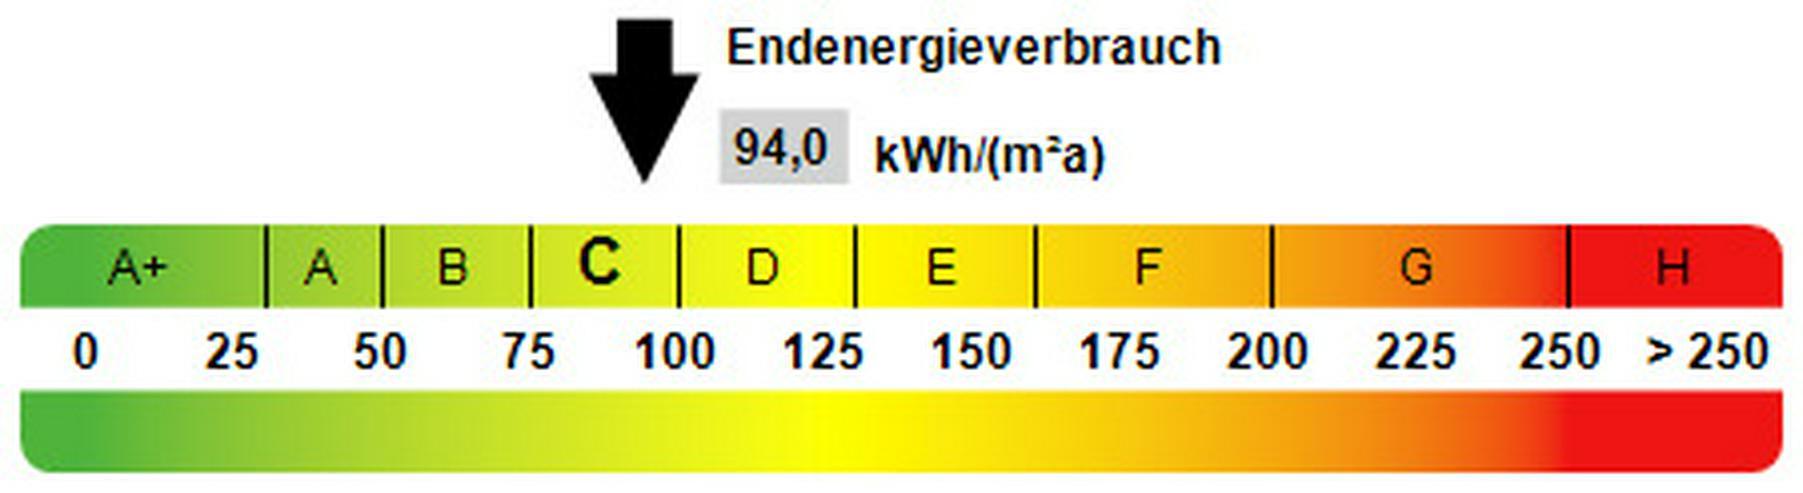 EIGENNUTZUNG Bad Dürrenberg Gemütliche Helle Freundliche Dachgeschosswohnung    Haus Kaufen   Bild 1 1